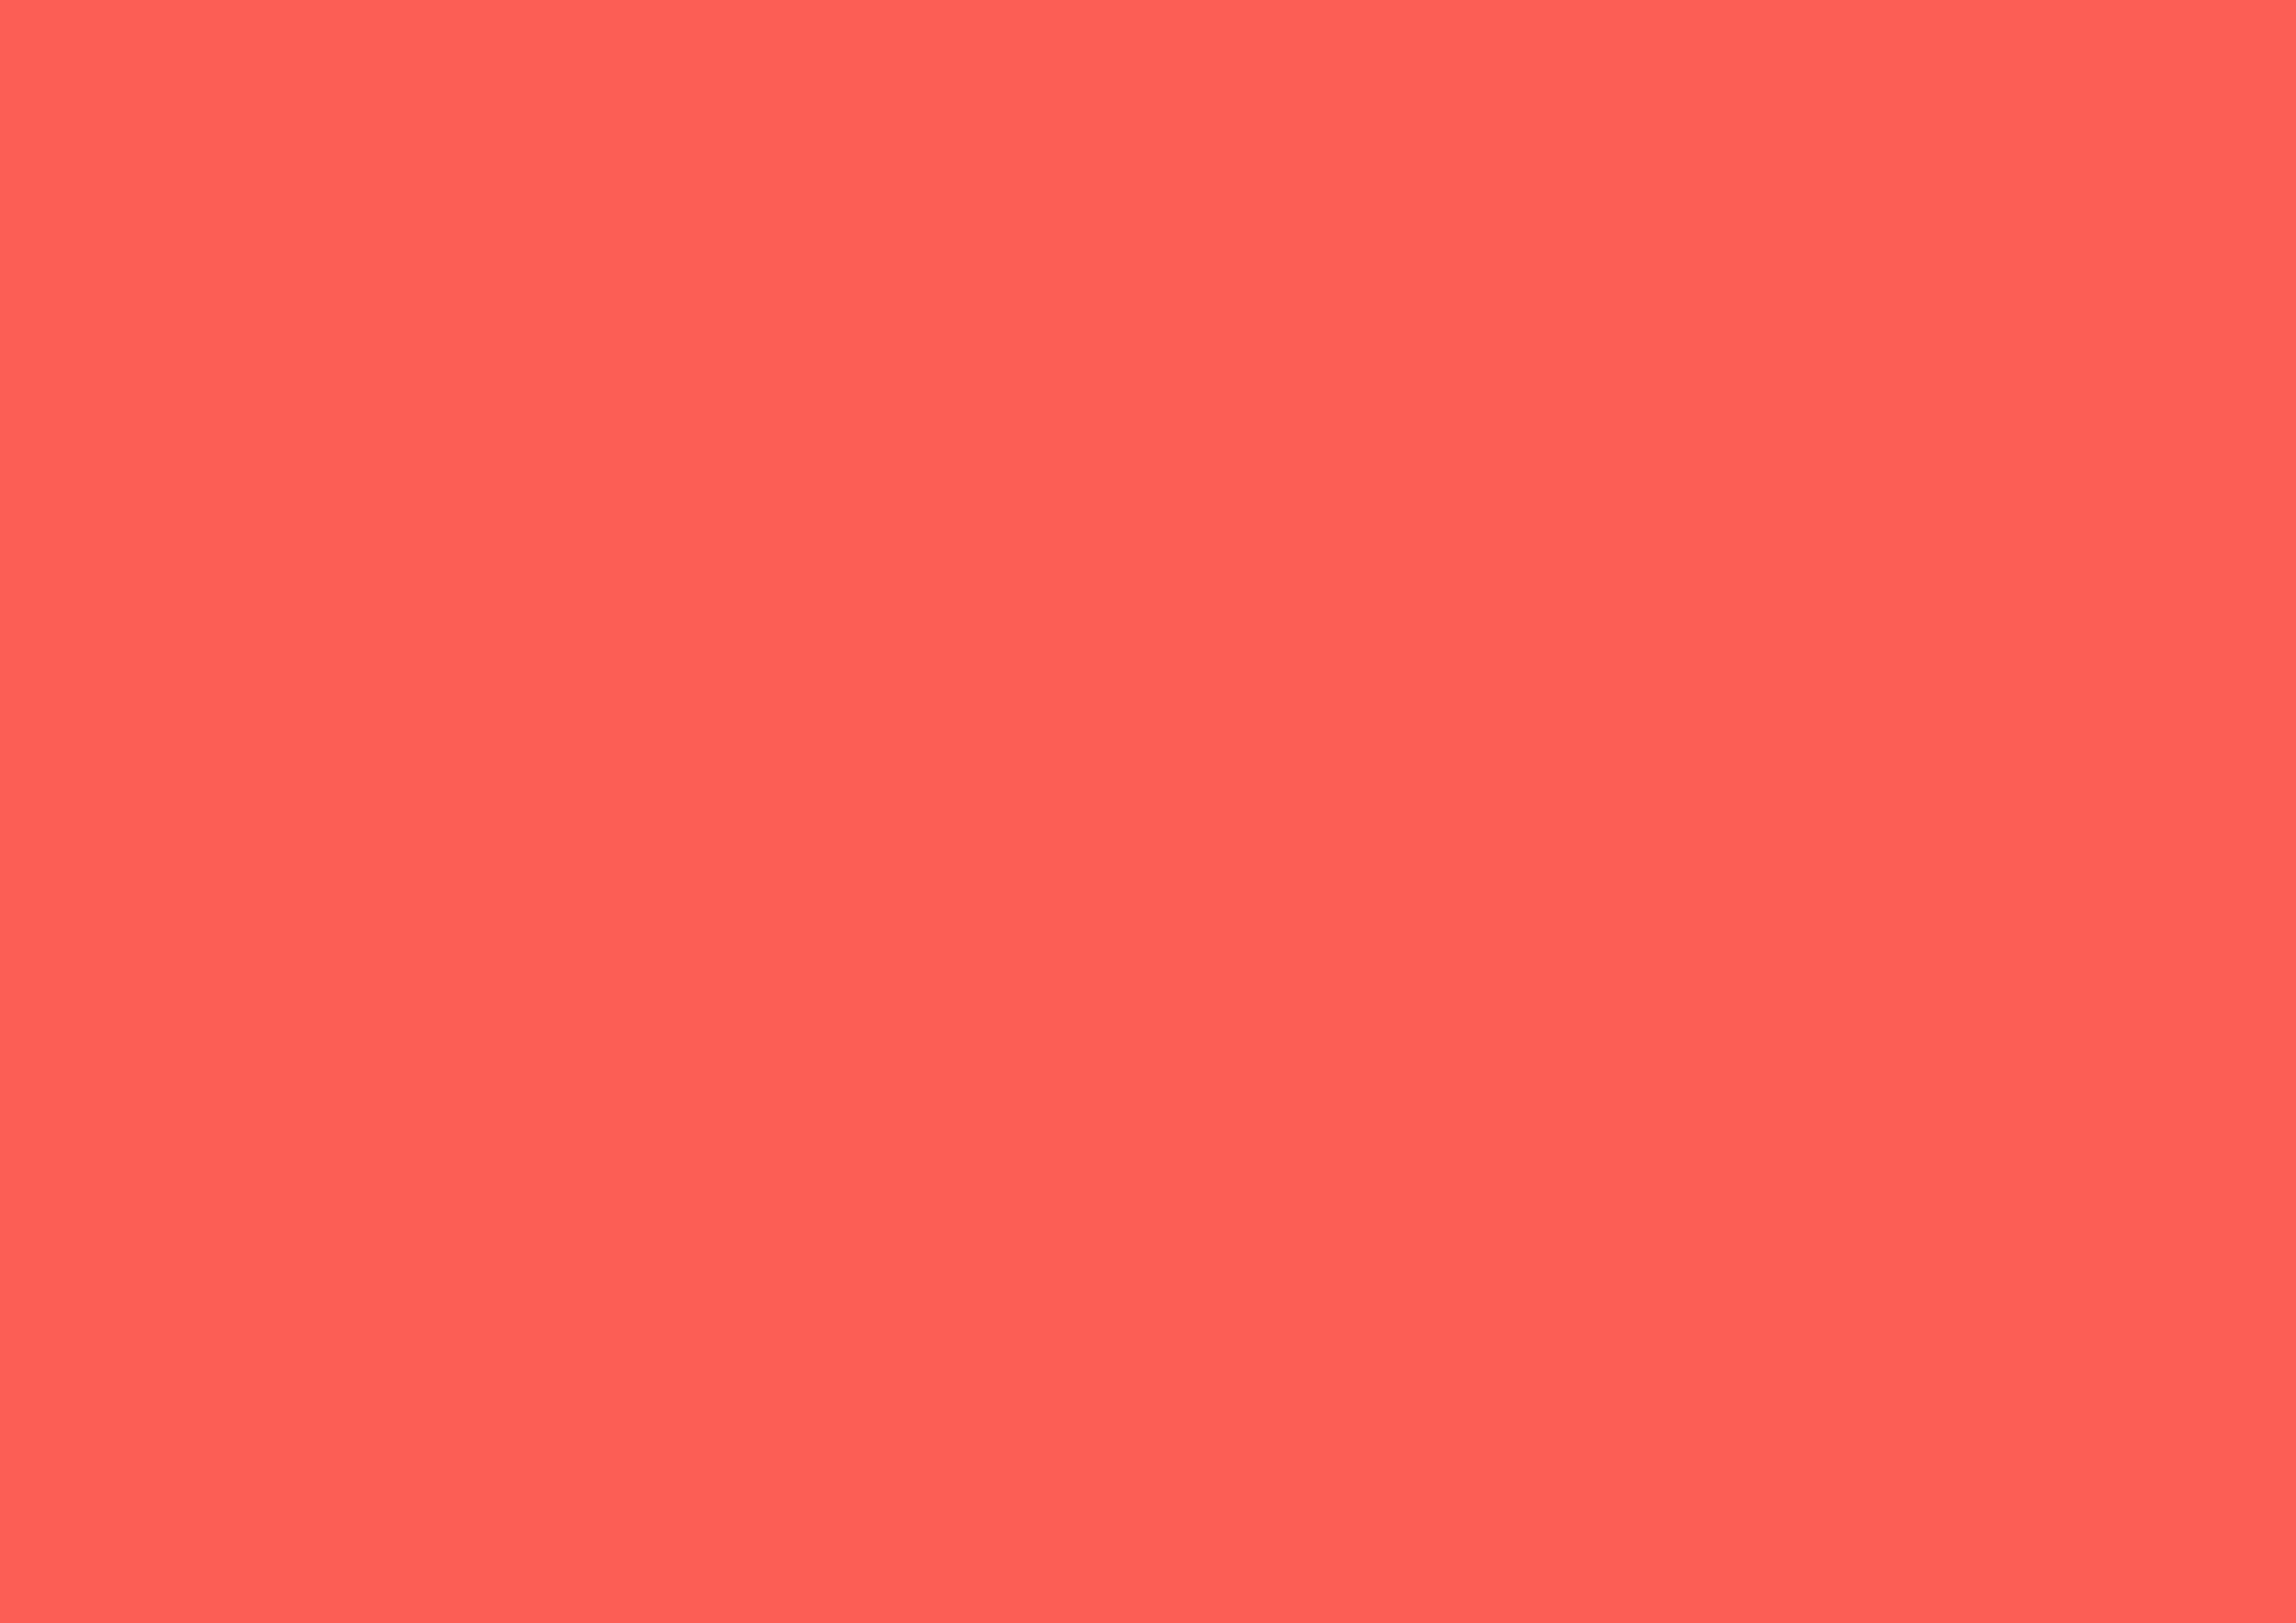 3508x2480 Sunset Orange Solid Color Background